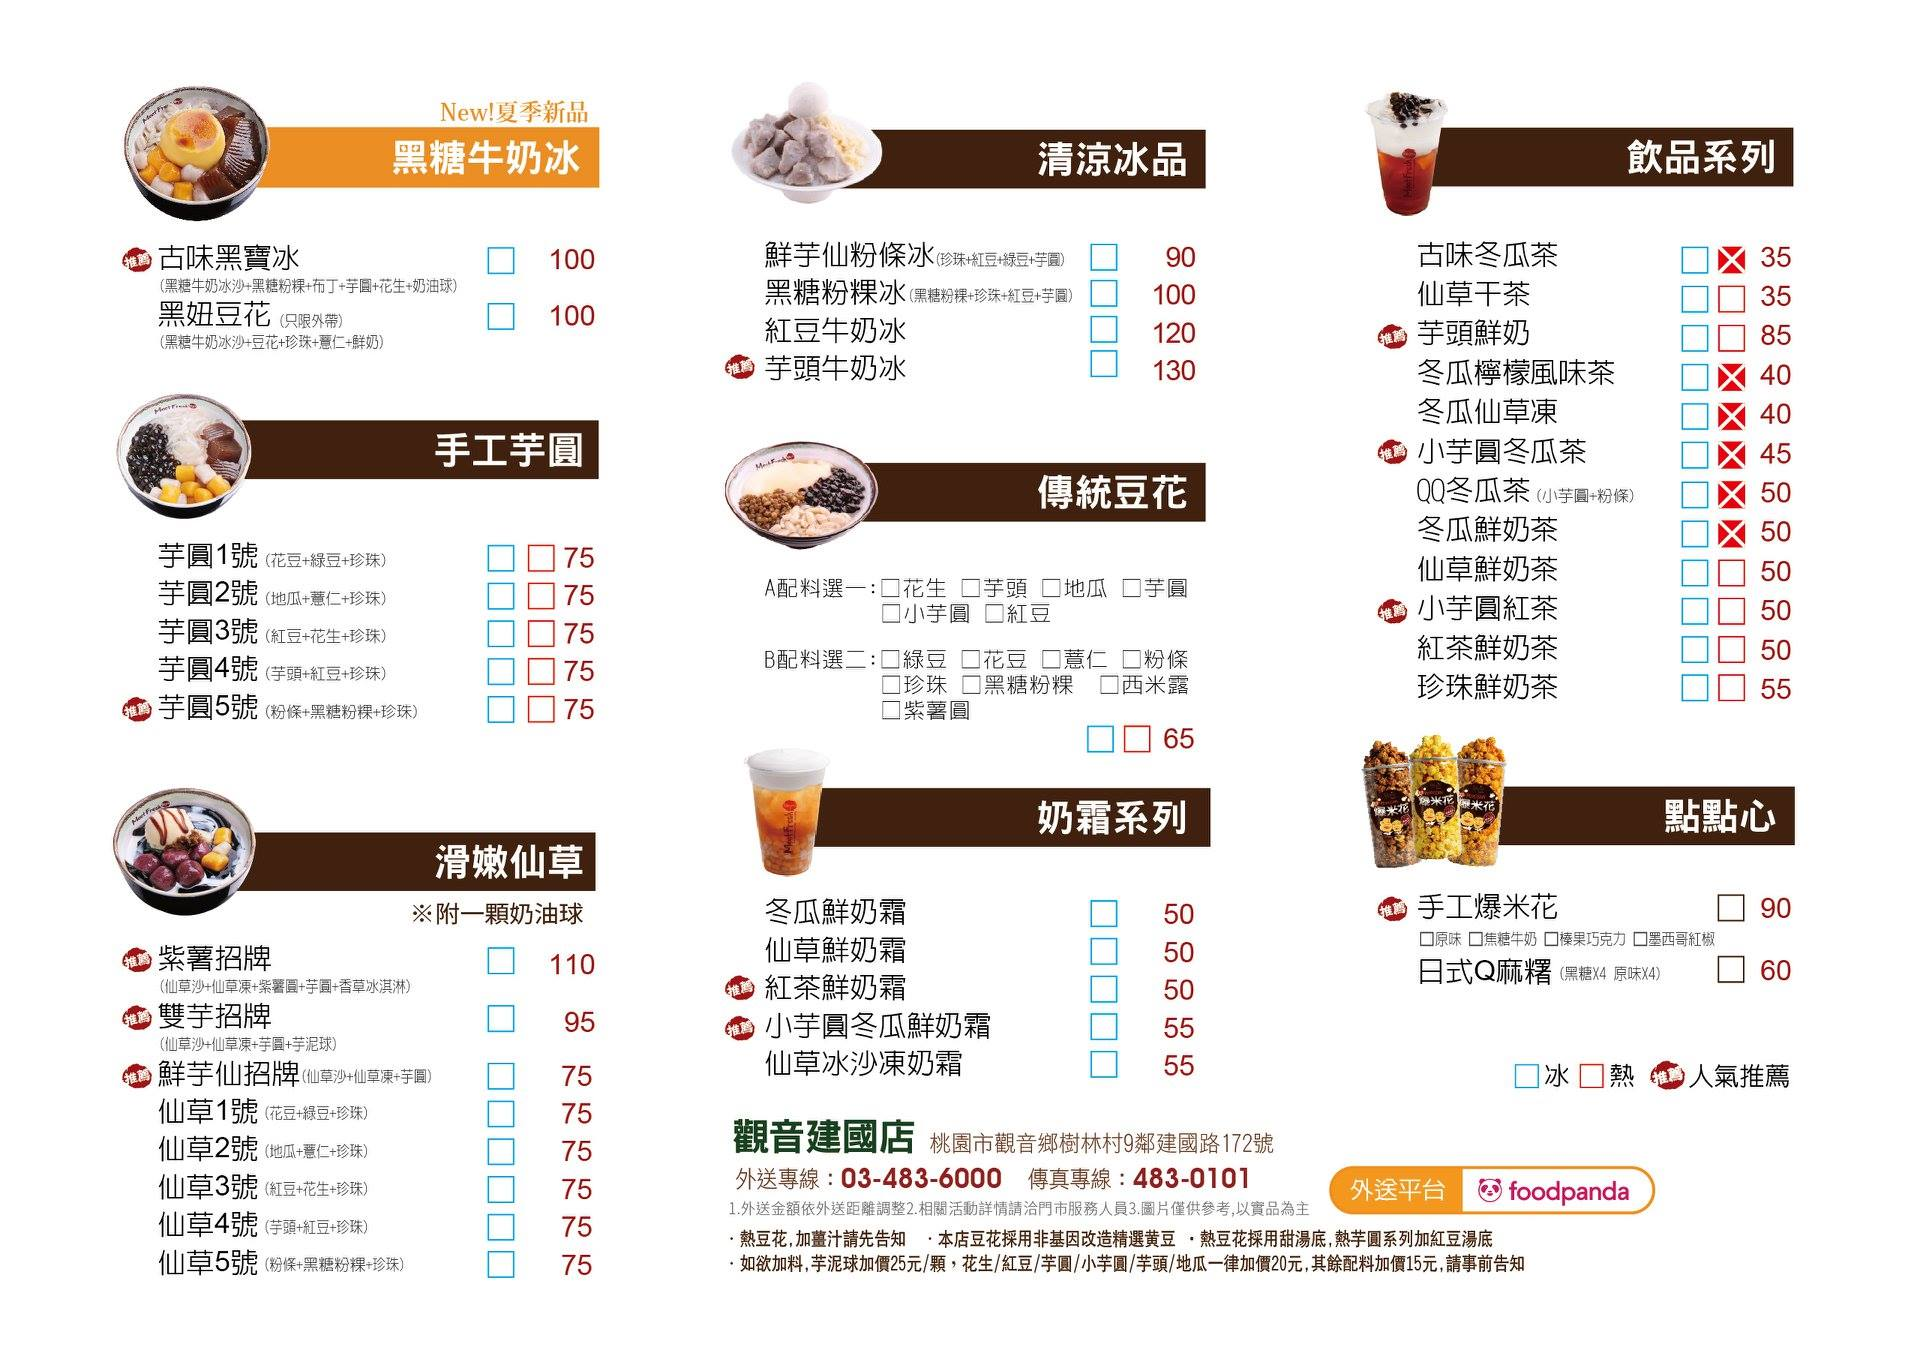 鮮芋仙菜單MENU